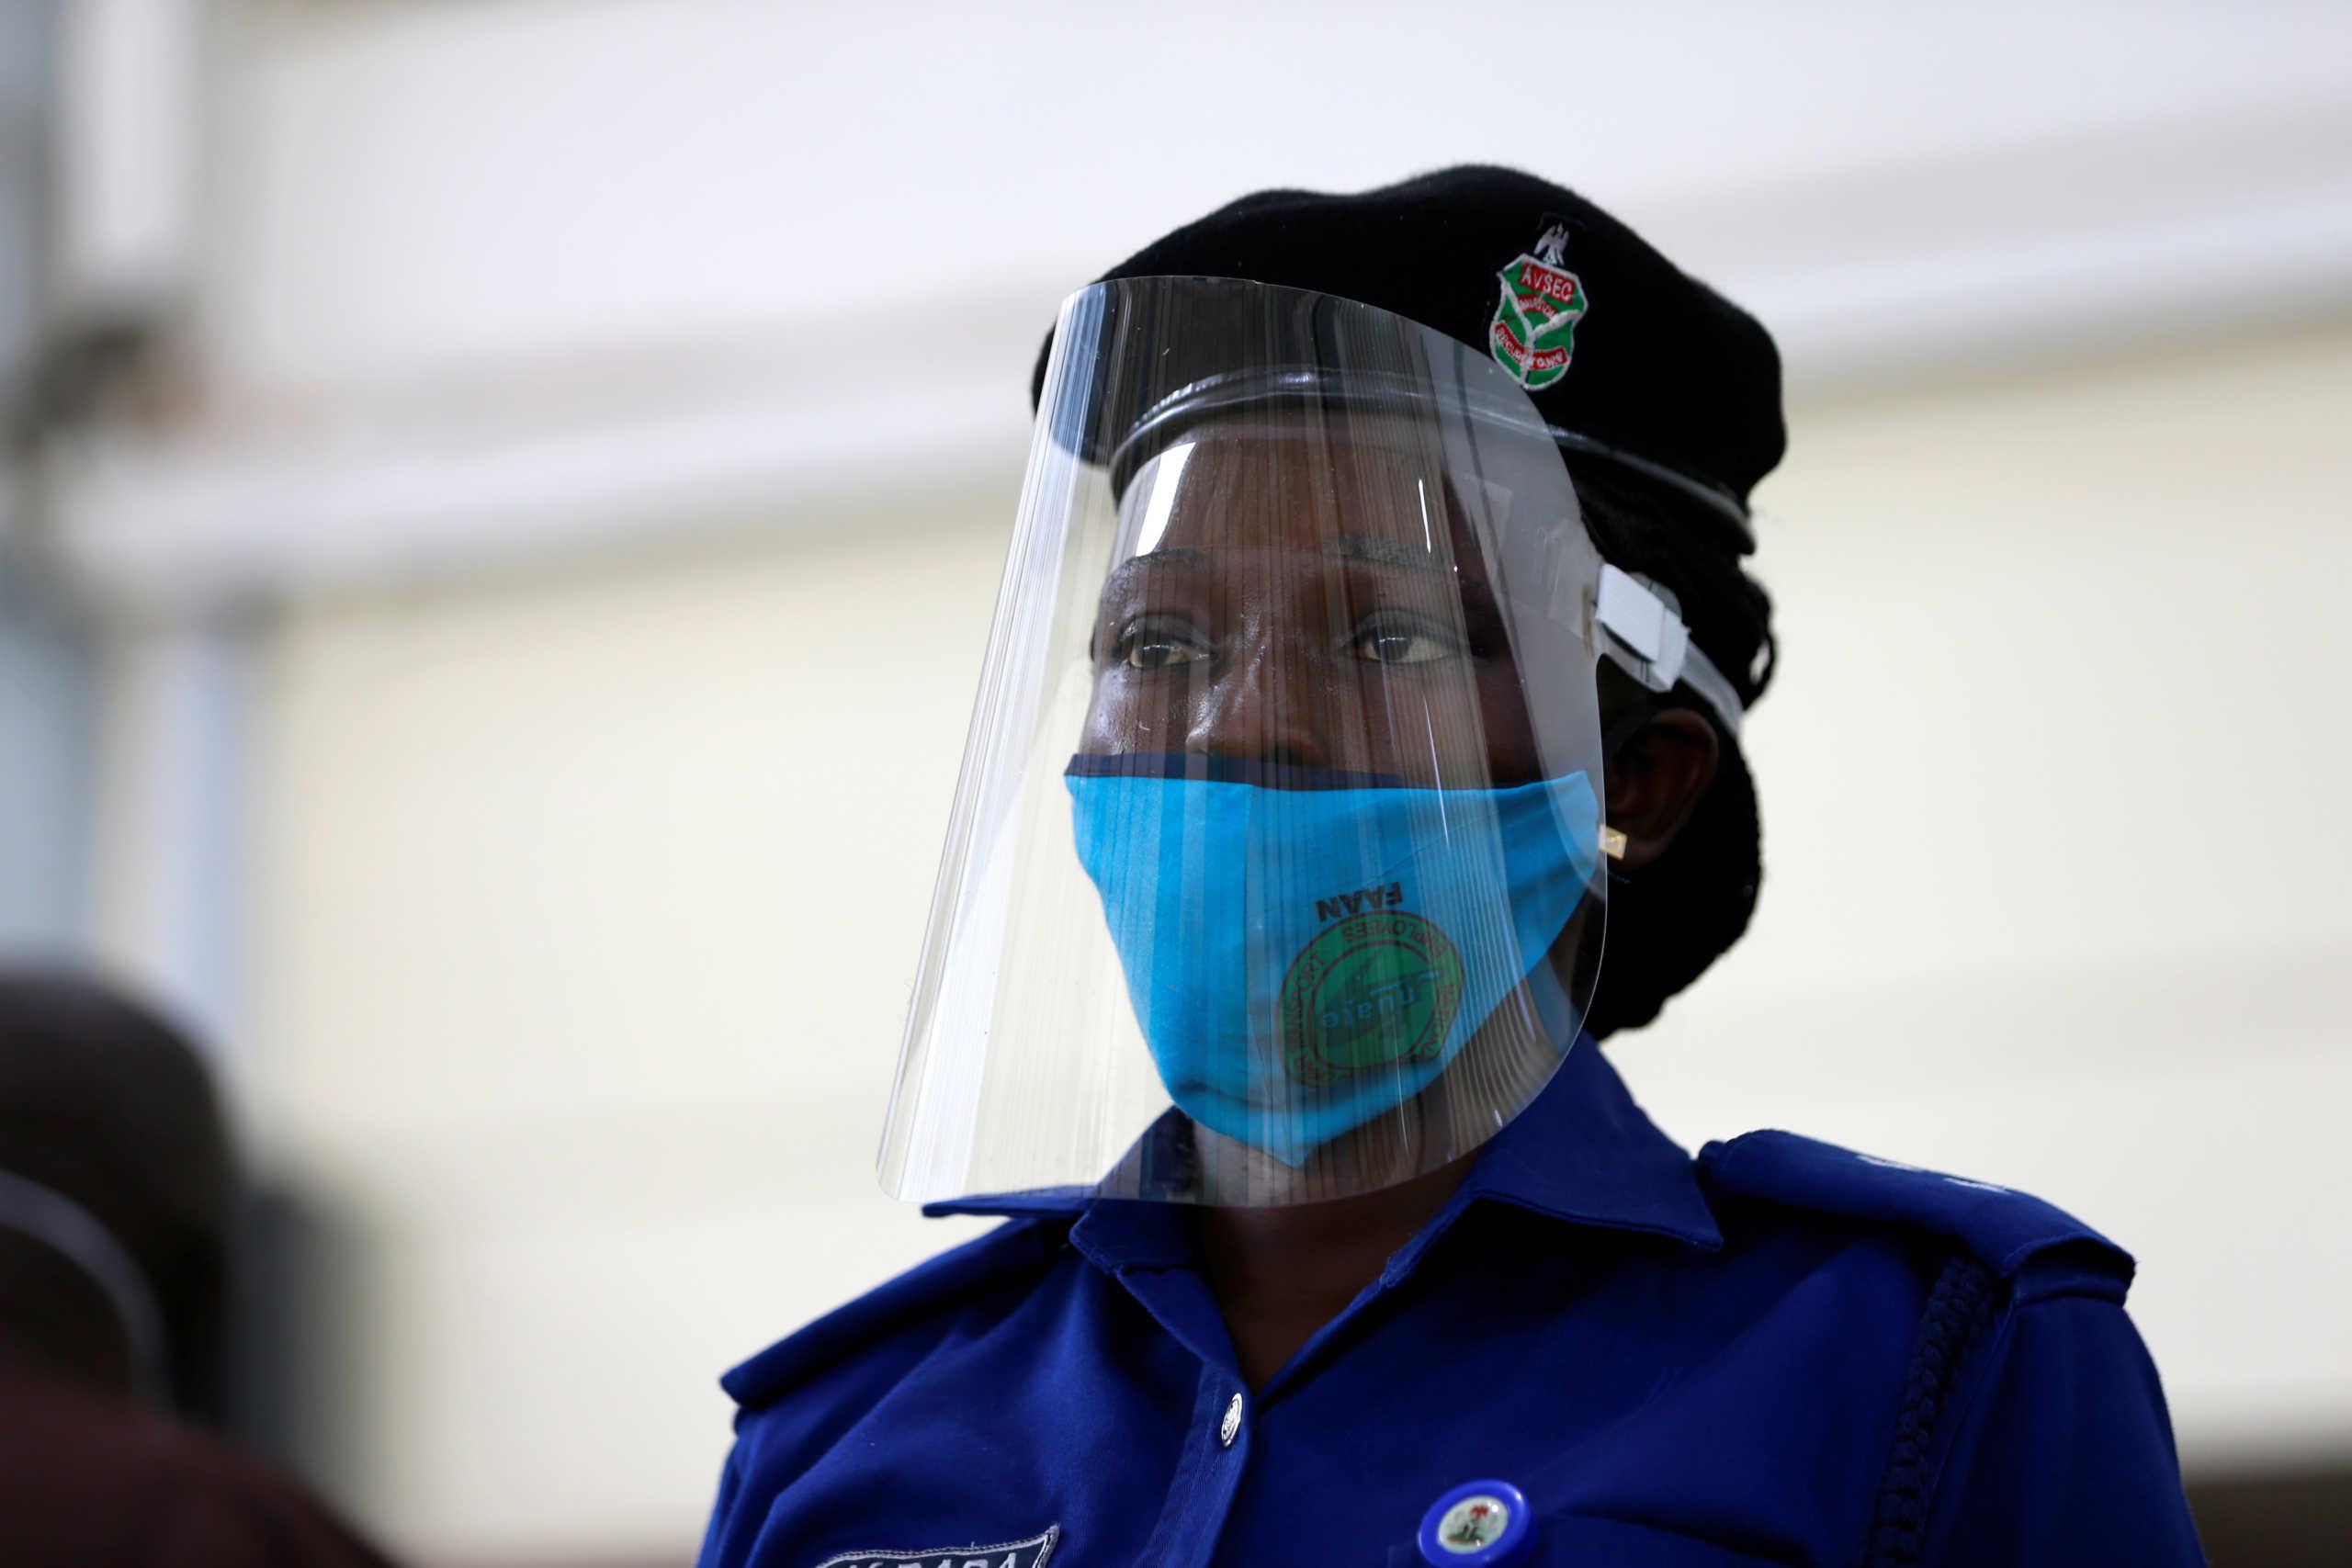 Νιγηρία: Η πνευμονία σκοτώνει ένα παιδί κάθε 20 δευτερόλεπτα